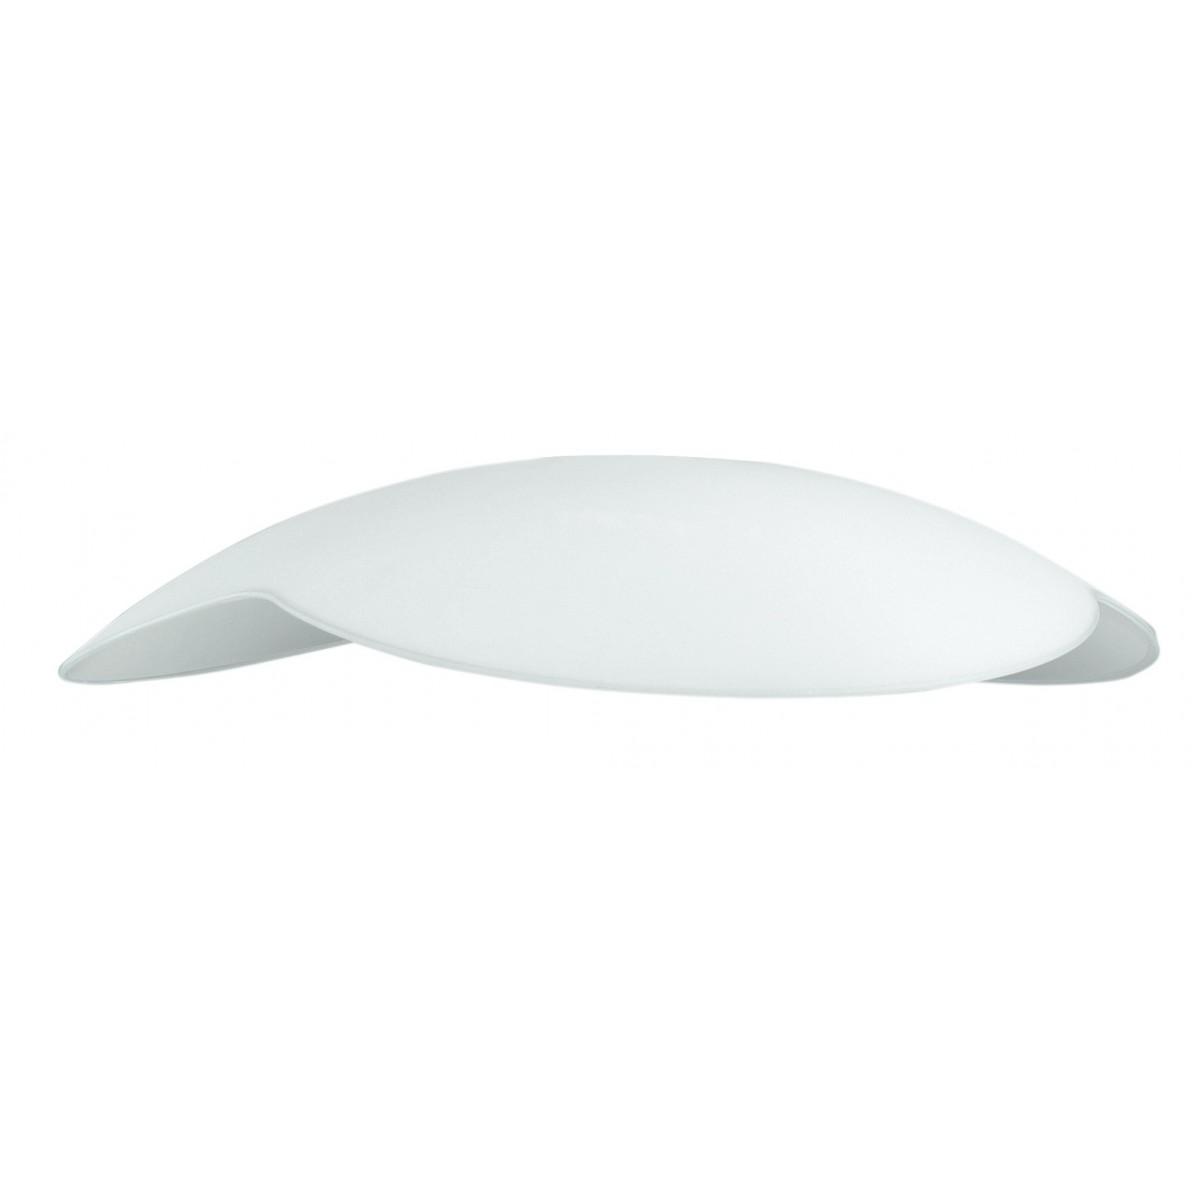 I-V91145400100 - Abat-jour pour suspension en verre blanc 45x10 cm F42